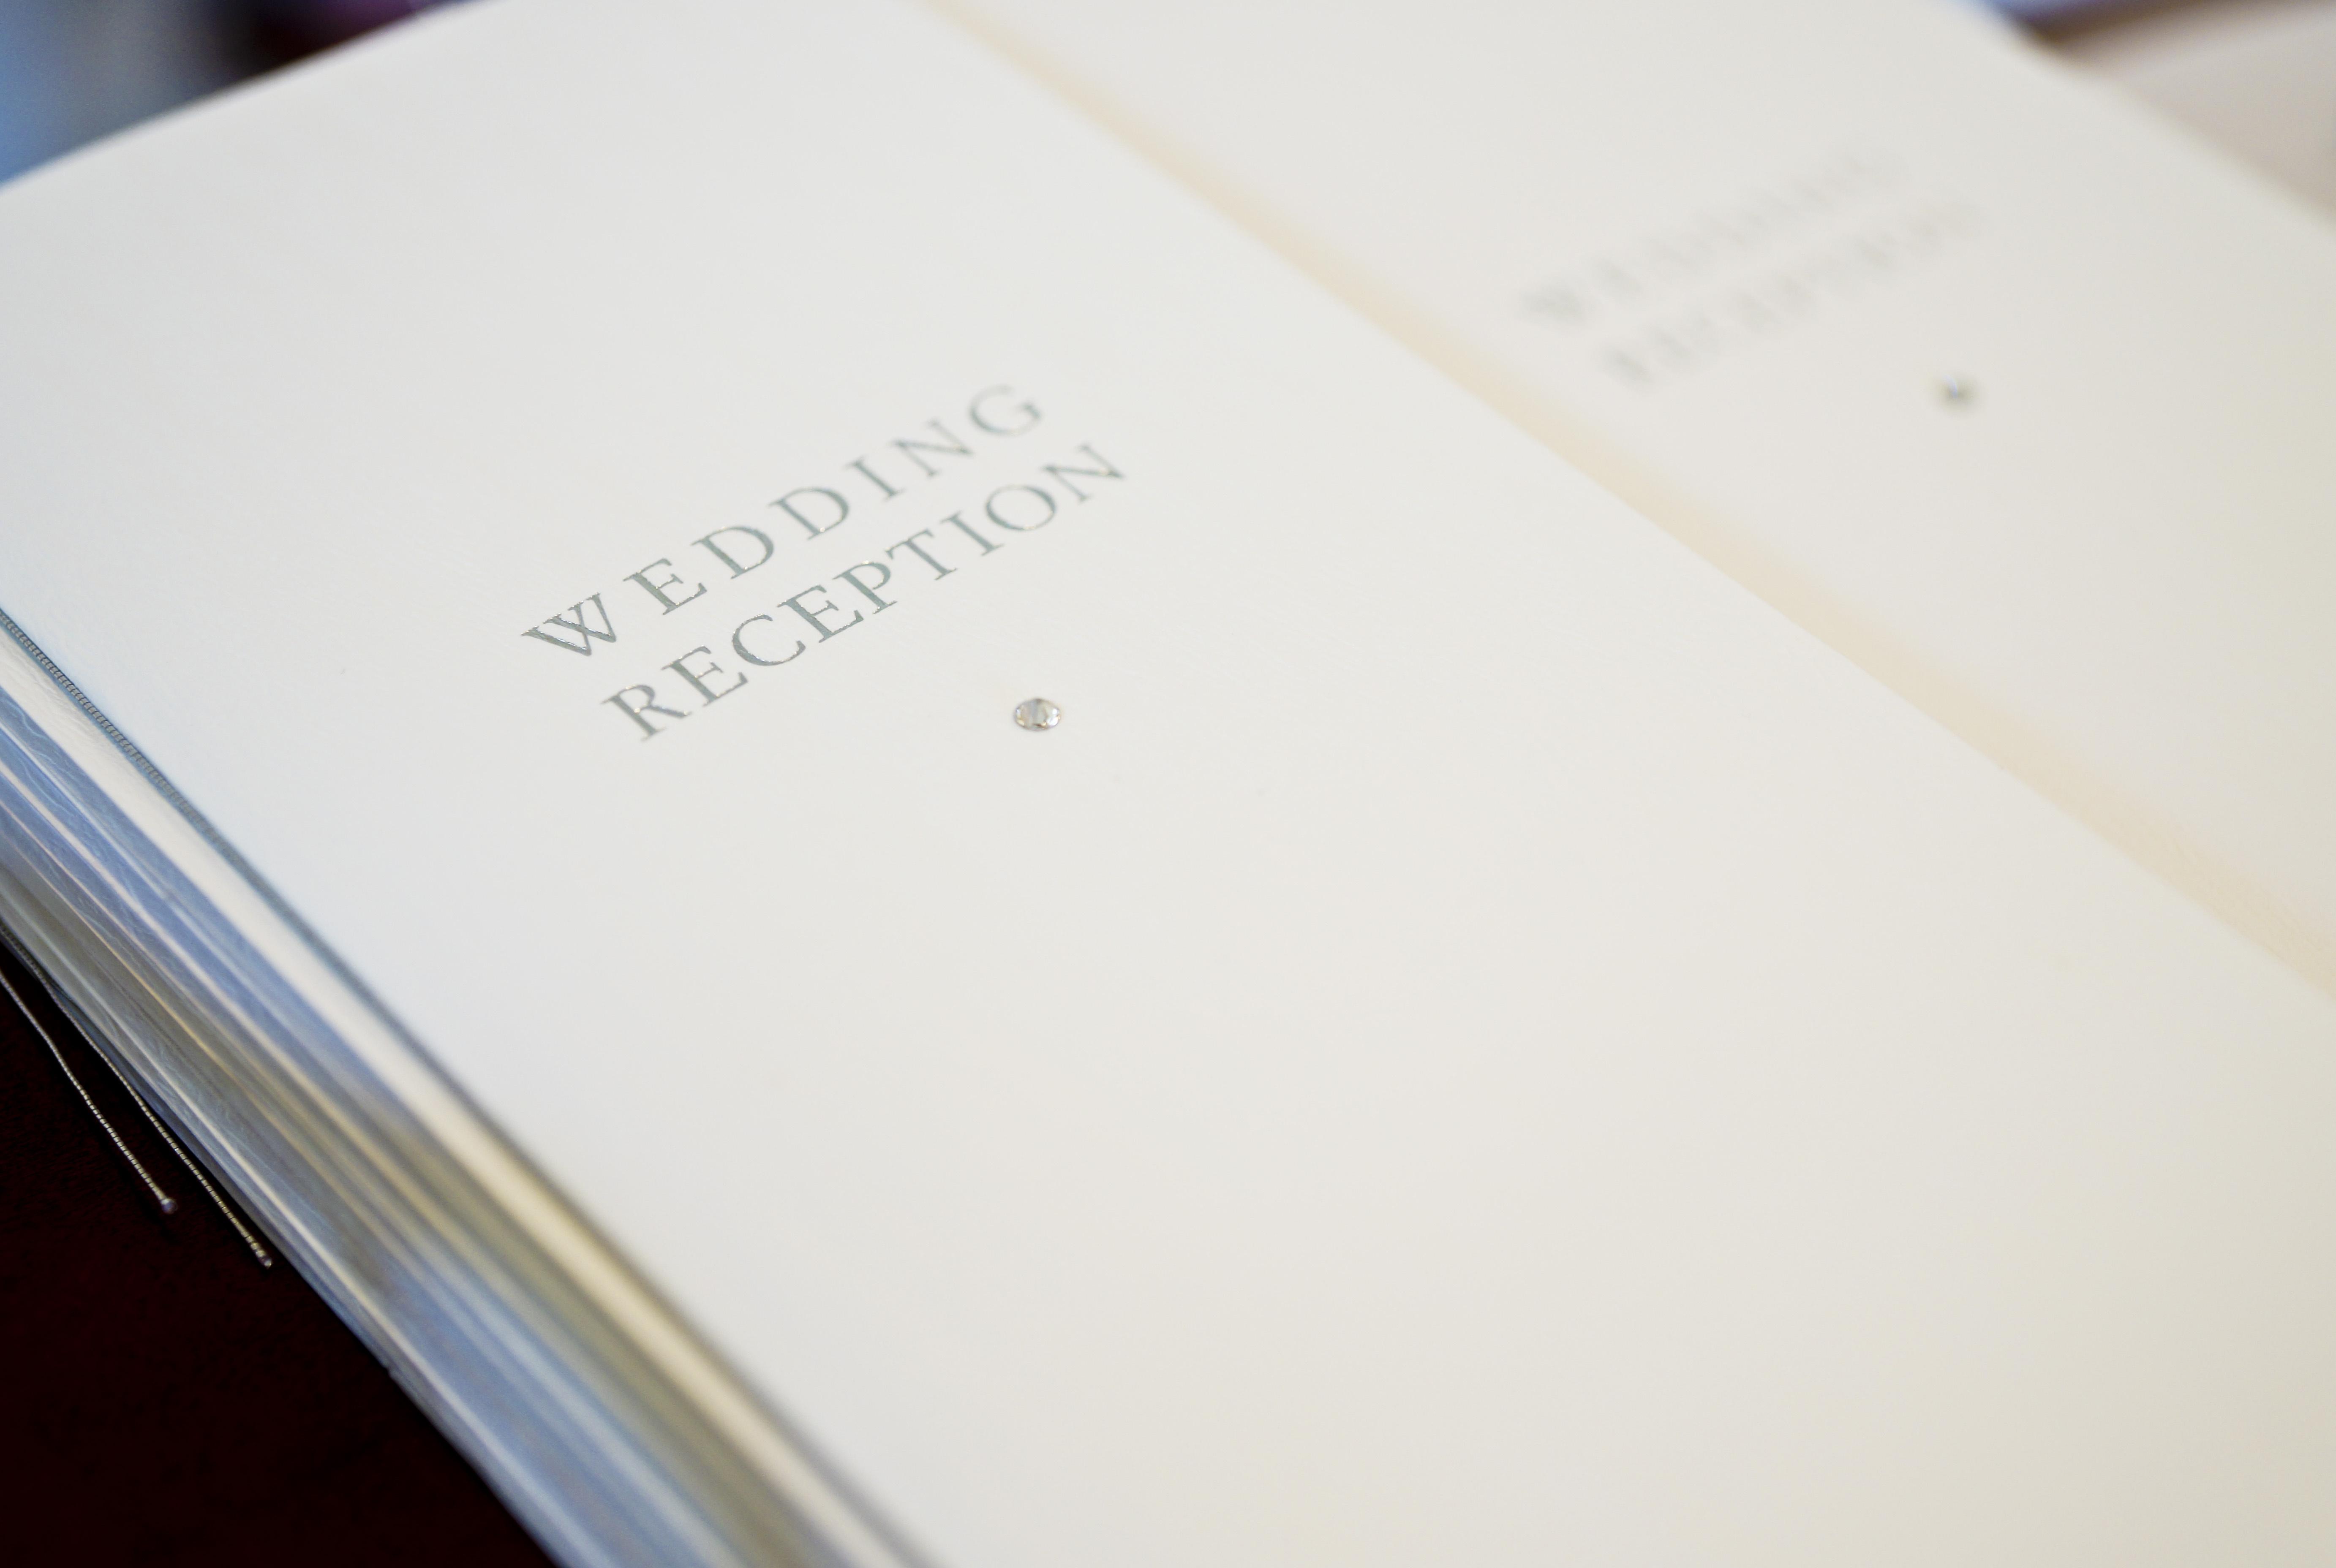 結婚式の席次表・パンフレットの作成で抑えるポイント